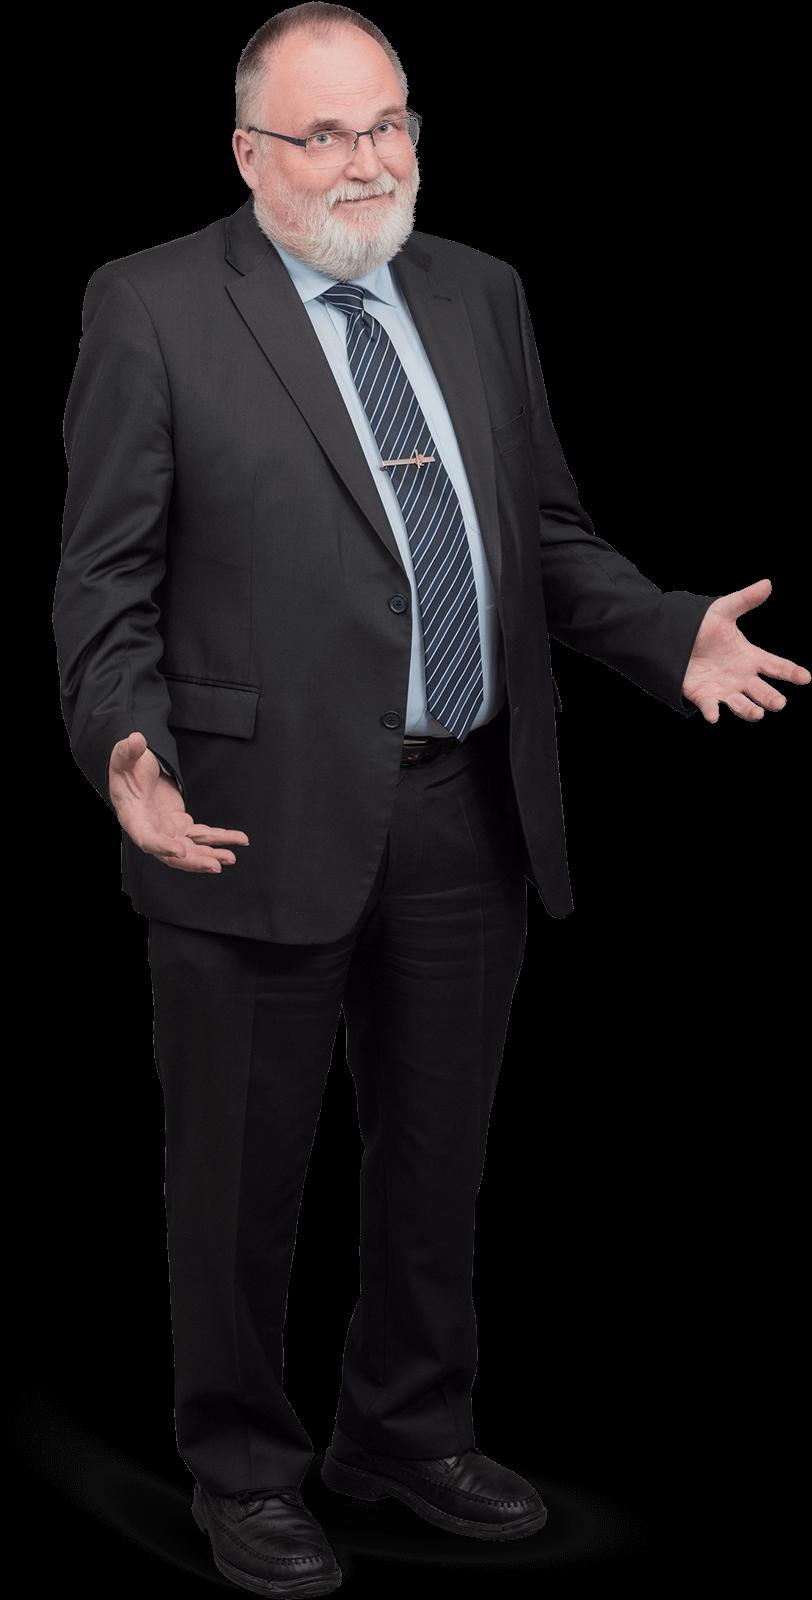 Peter Tiede - SBN Wälzlager